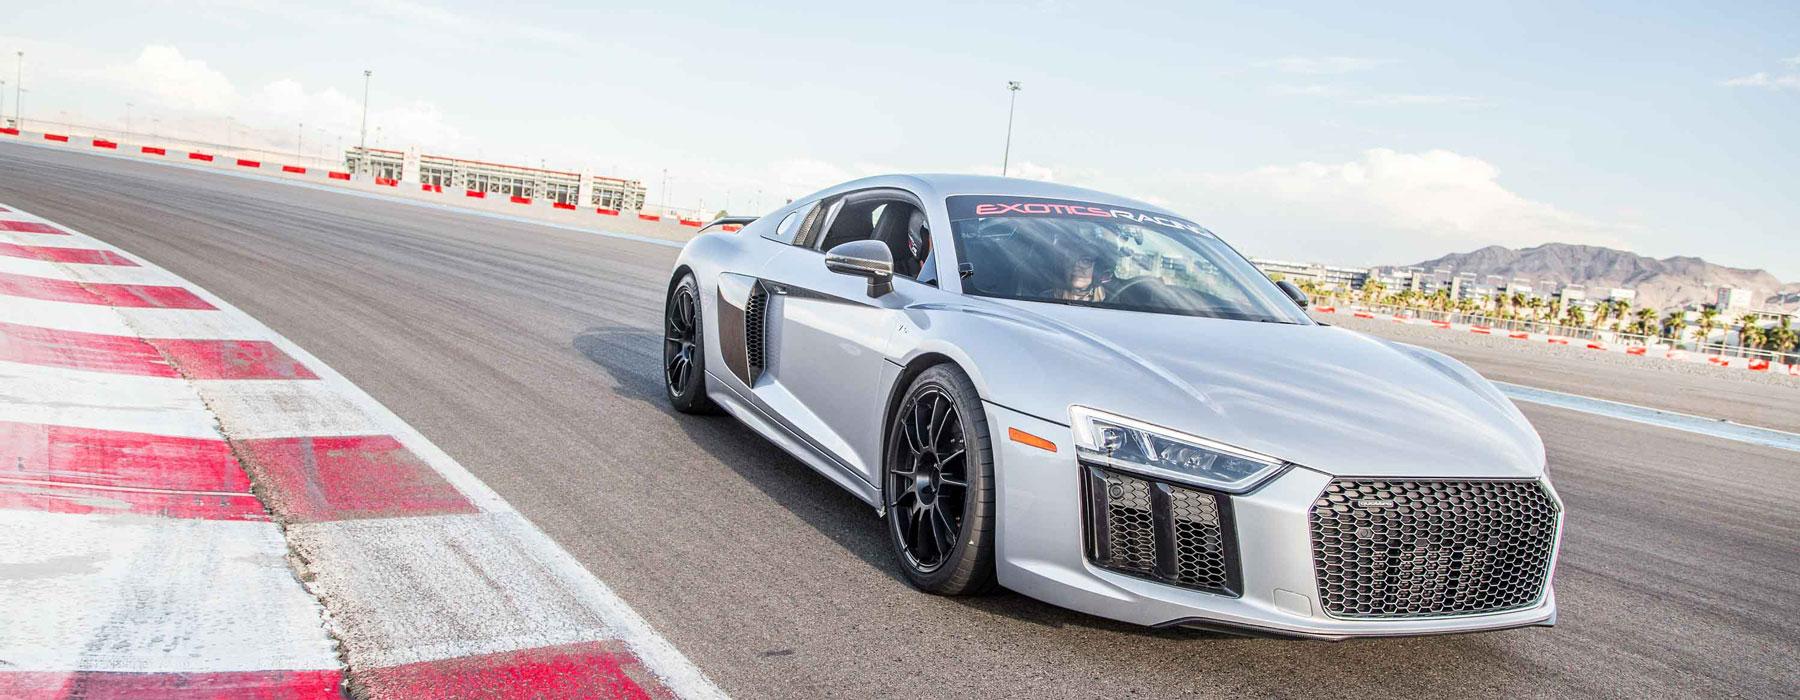 Drive an Audi R8 V10 Plus